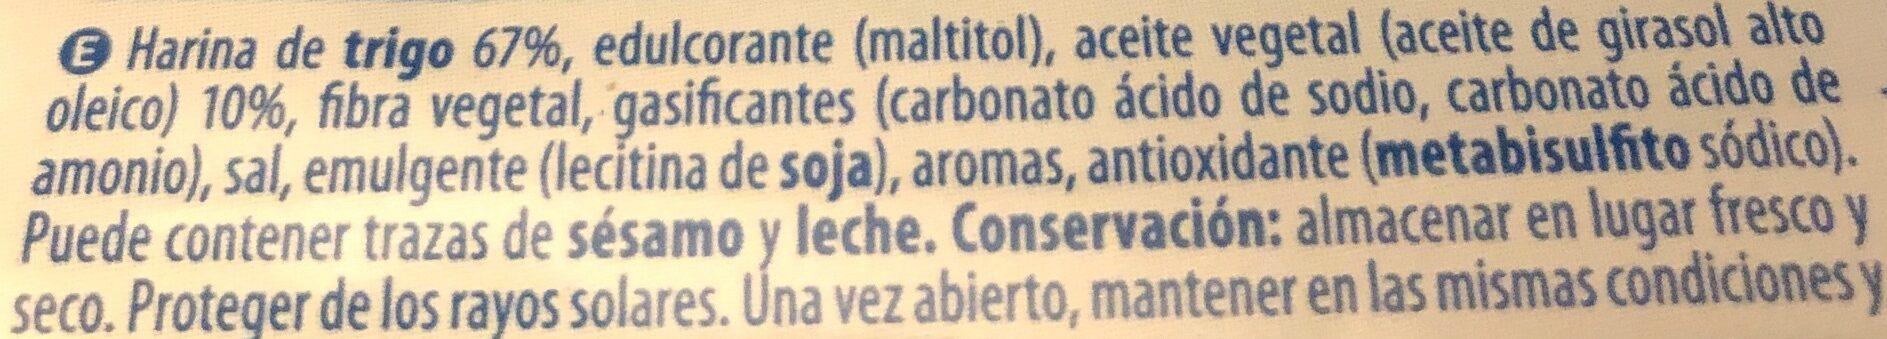 Maria 0% azúcares - Ingredientes - es